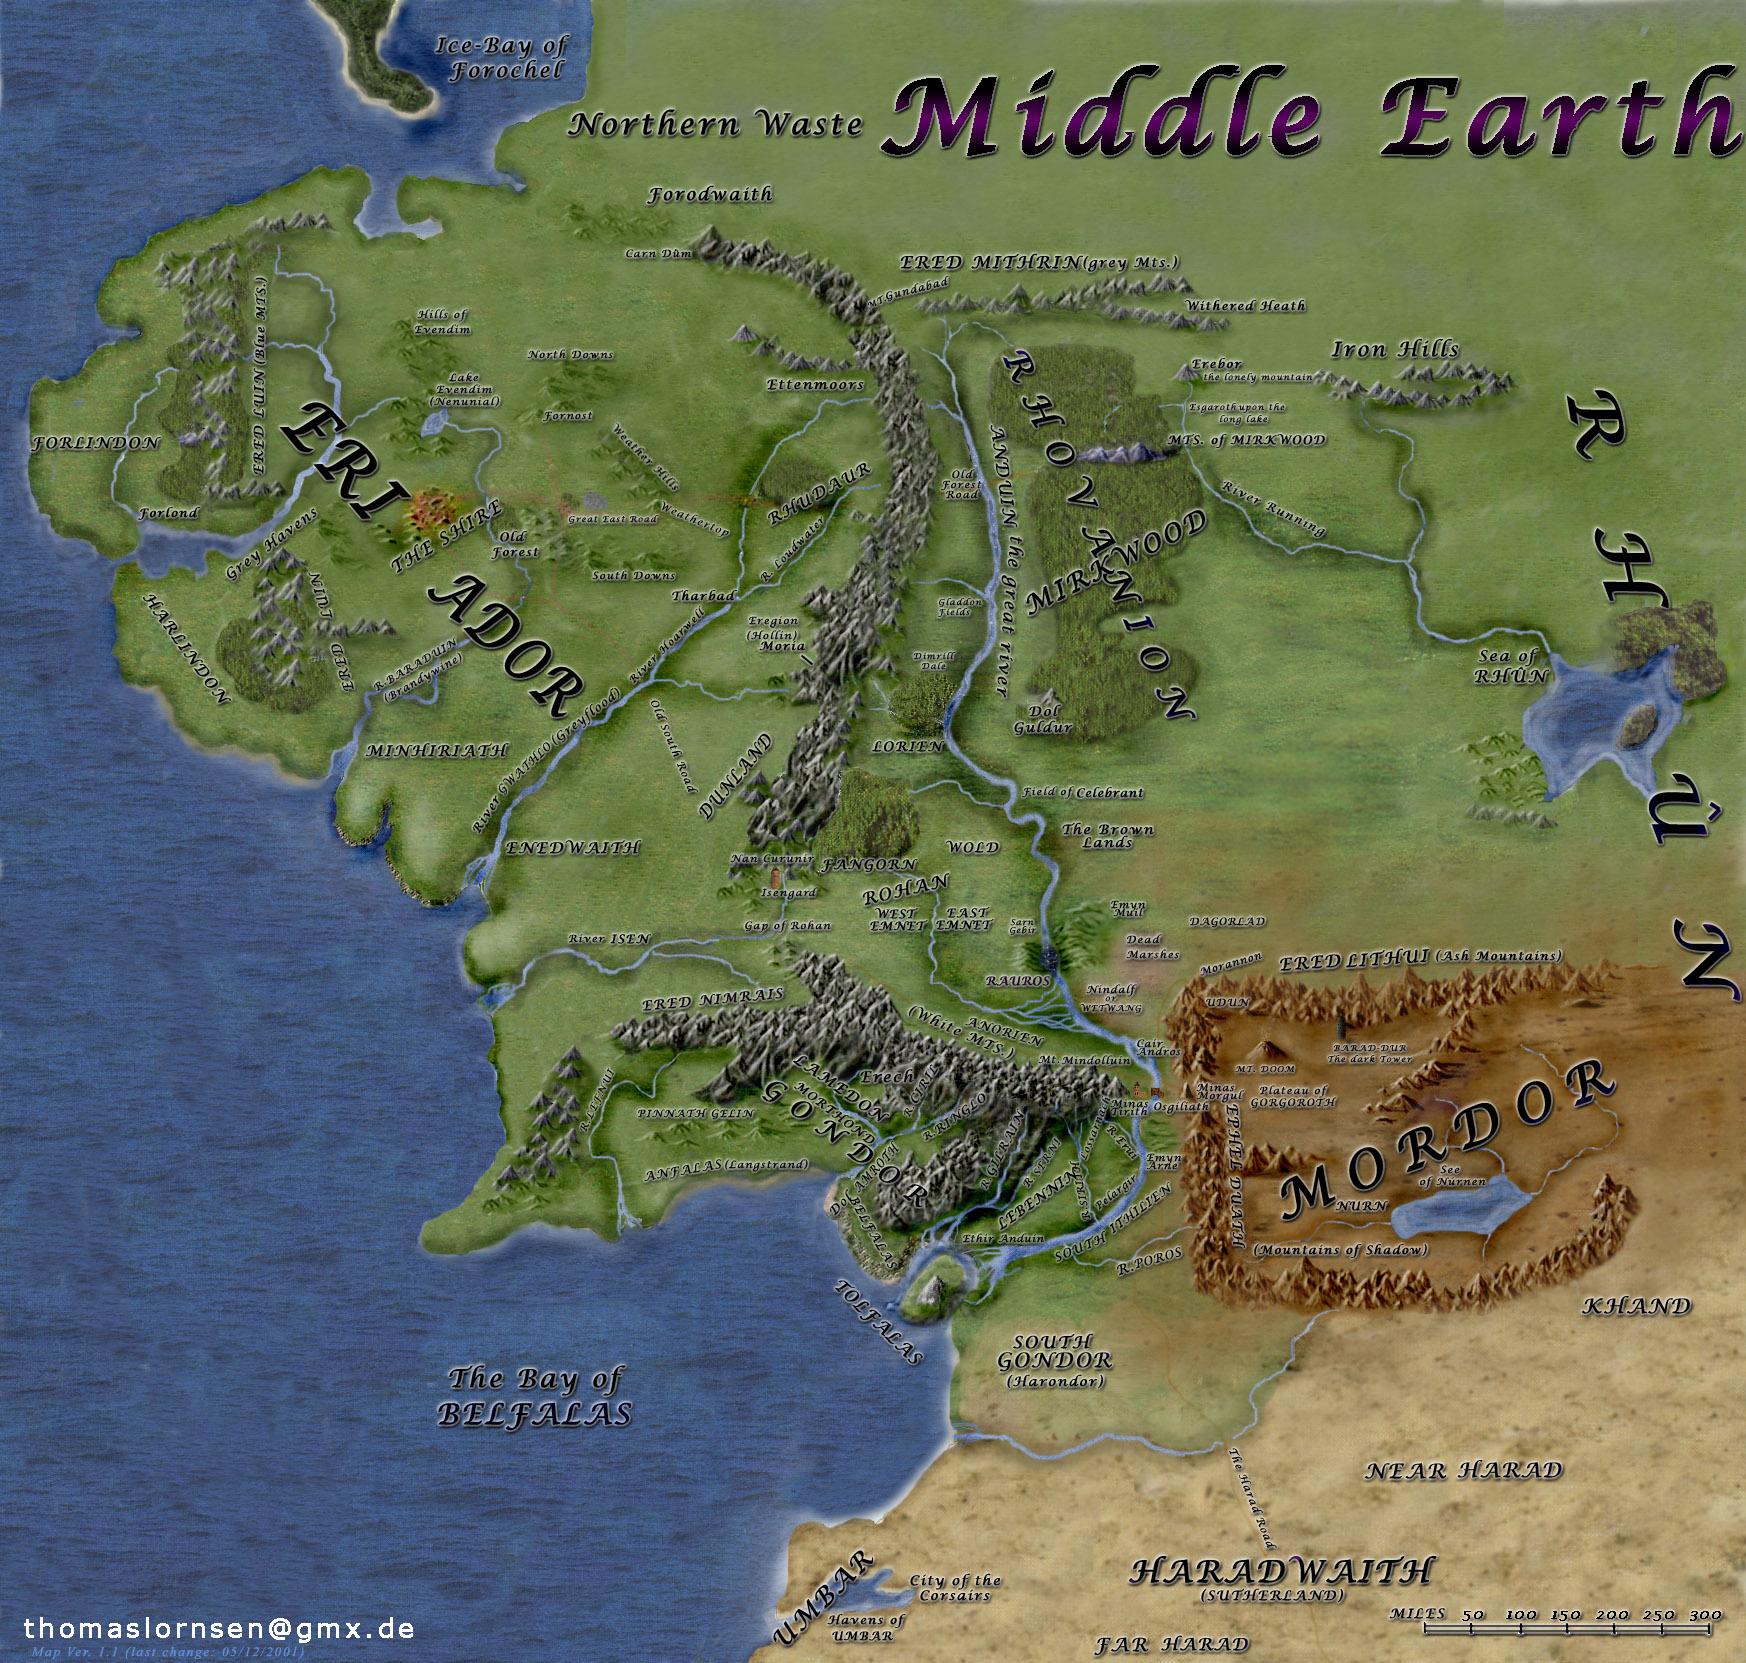 http://chronarda.ru/arda/geografy/maps/middleearth4.jpg